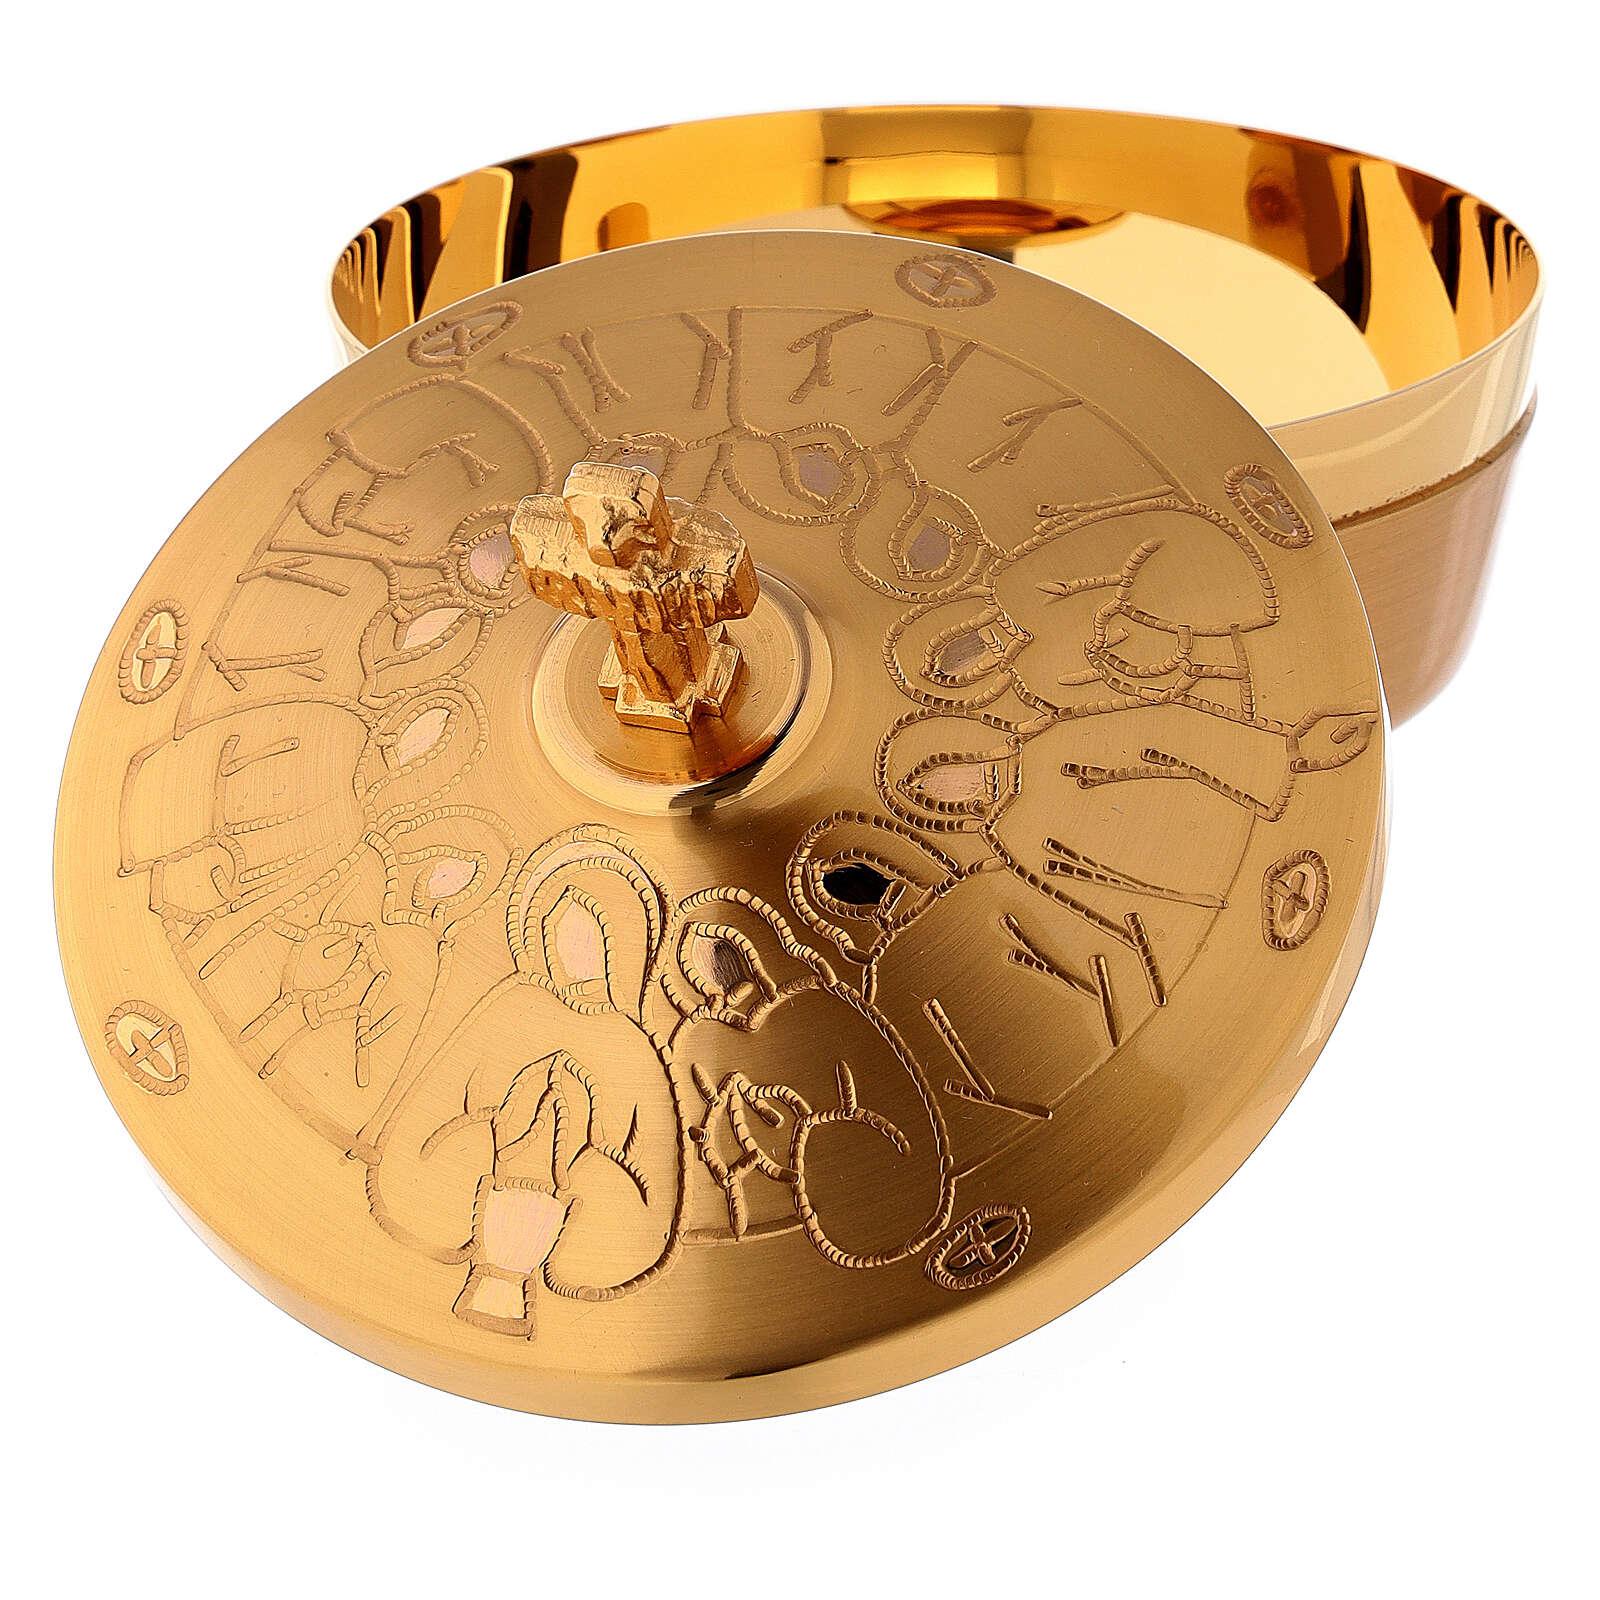 Copón de latón dorado última cena estilizada diám 10 cm 4